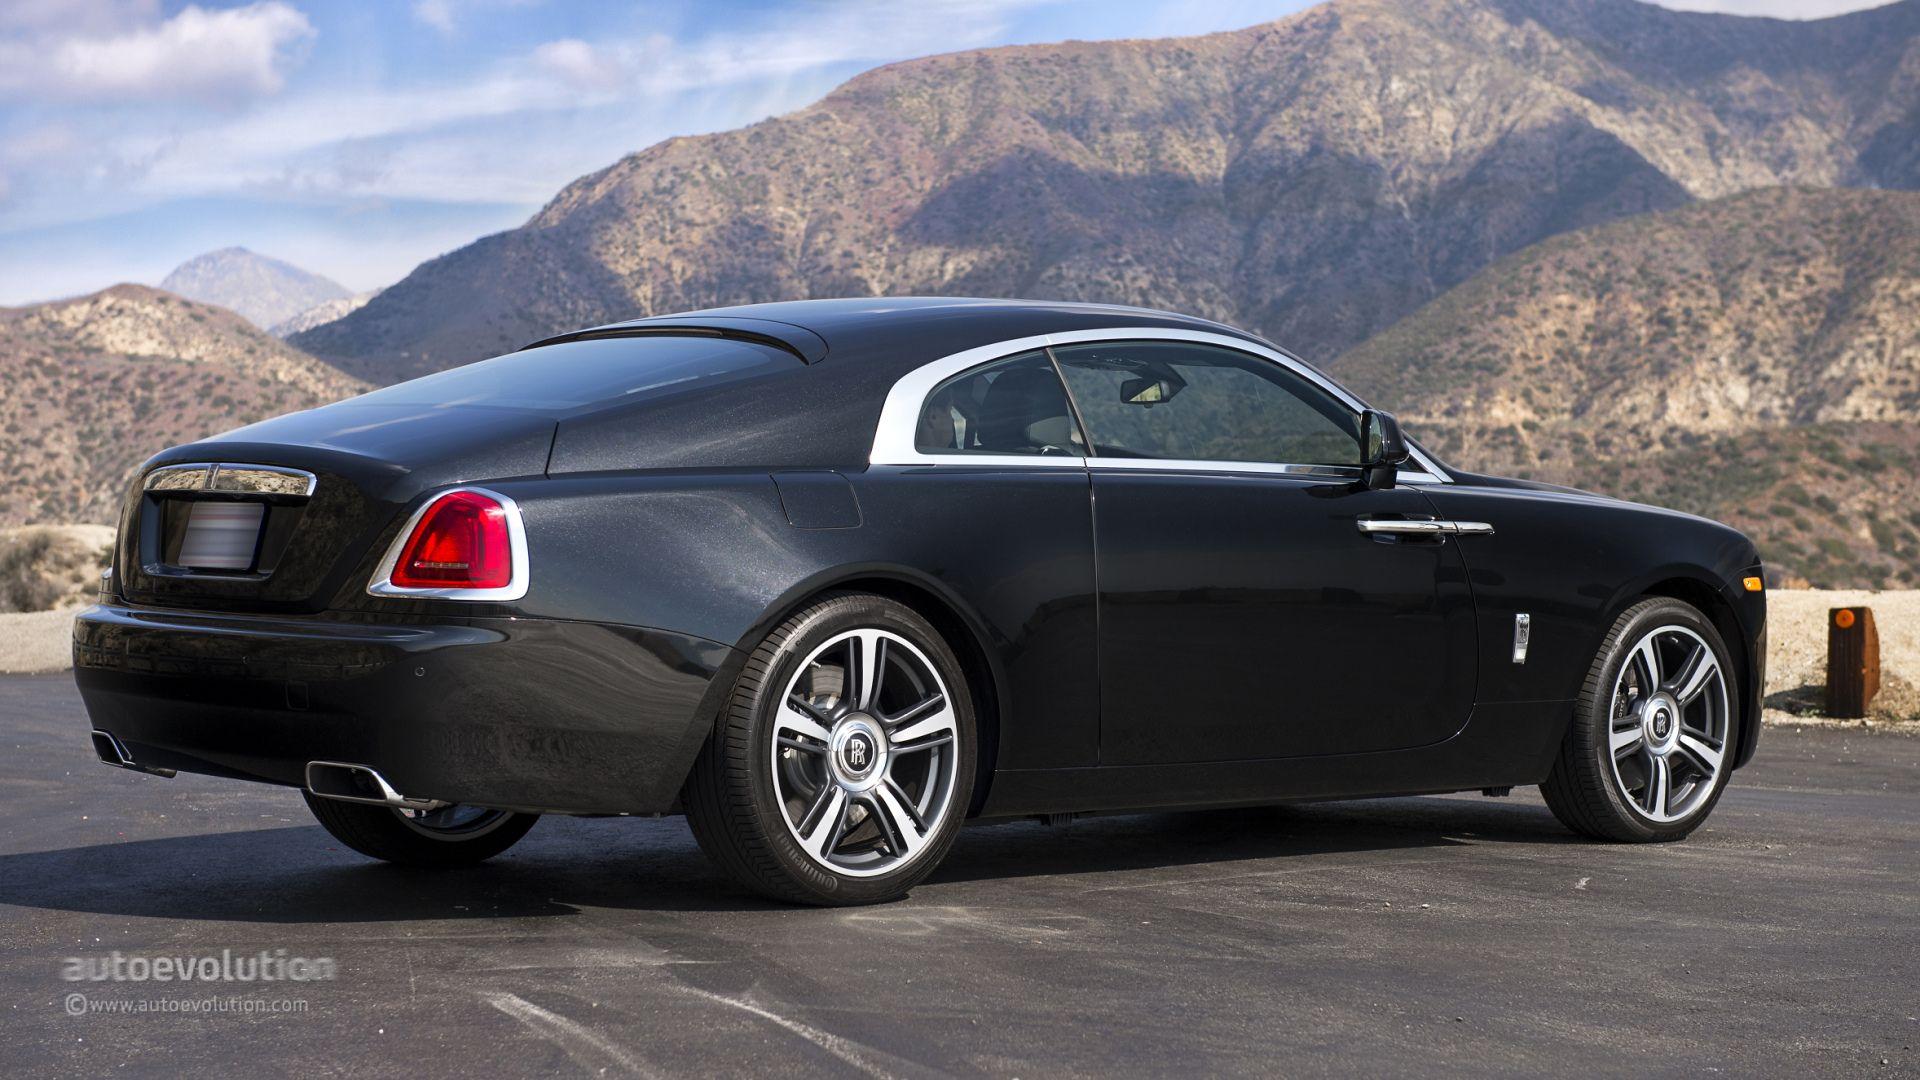 Rolls Royce Wraith is car is HOT